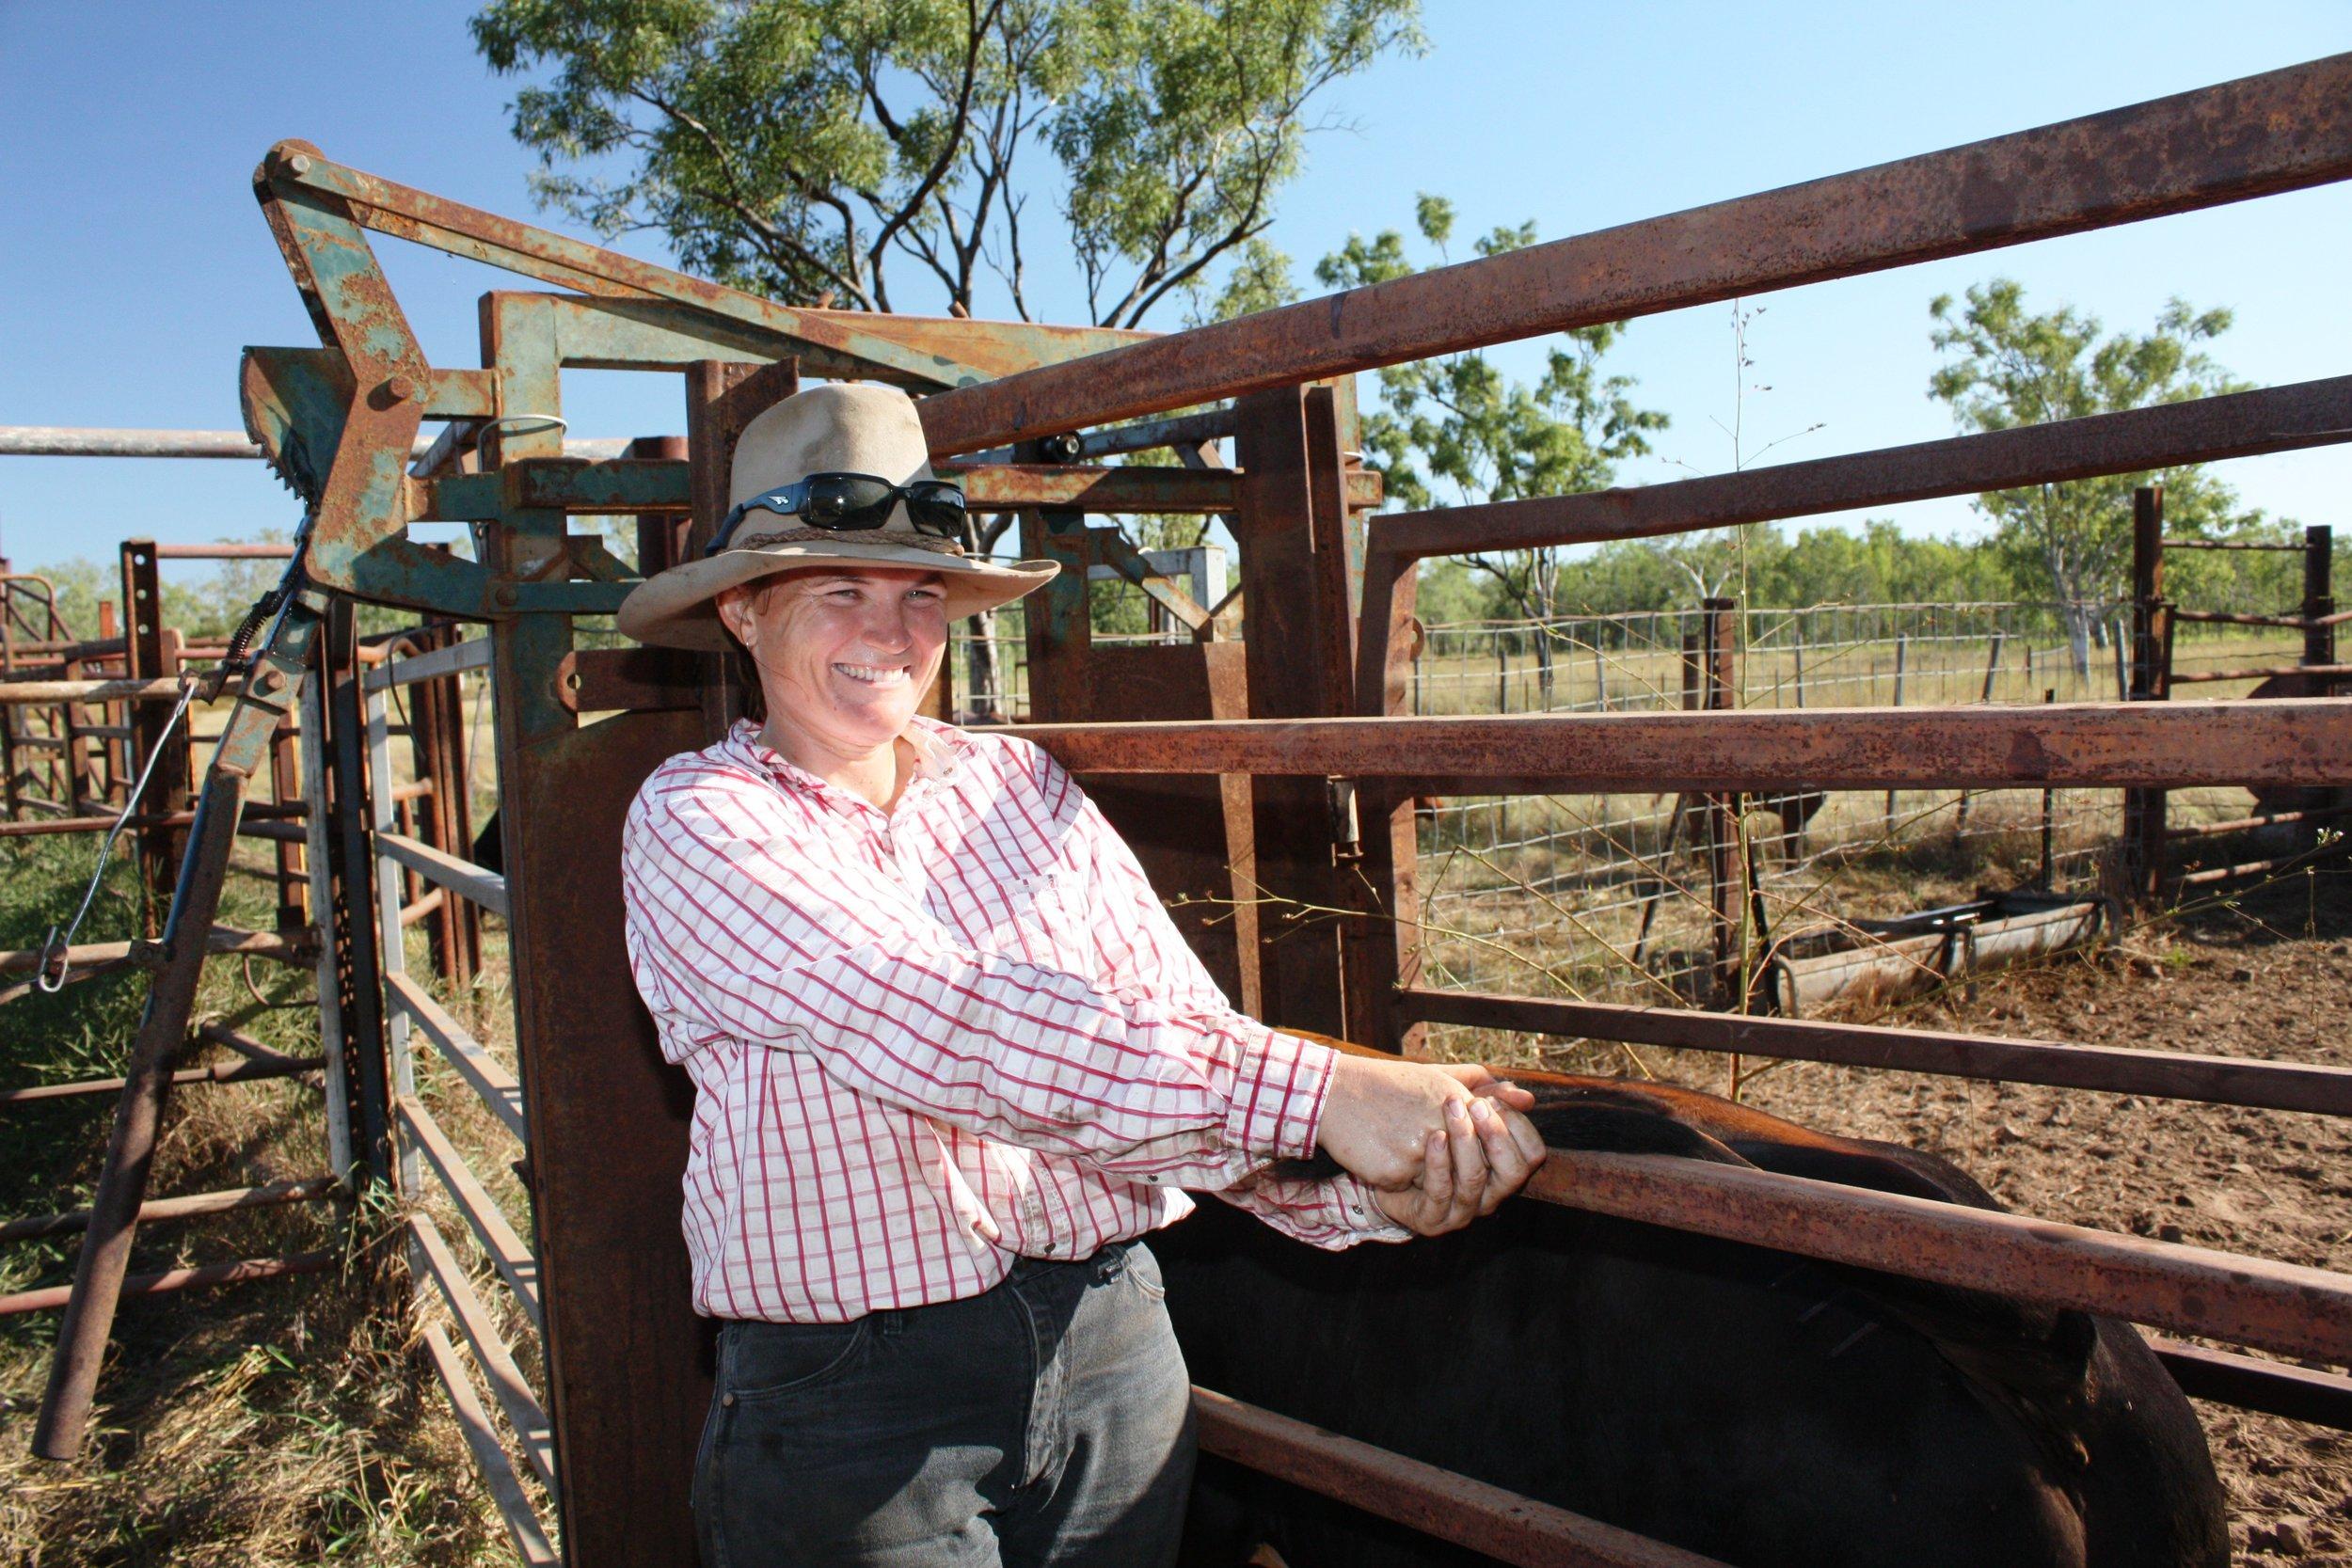 Lisa at Lorella Springs,image supplied.